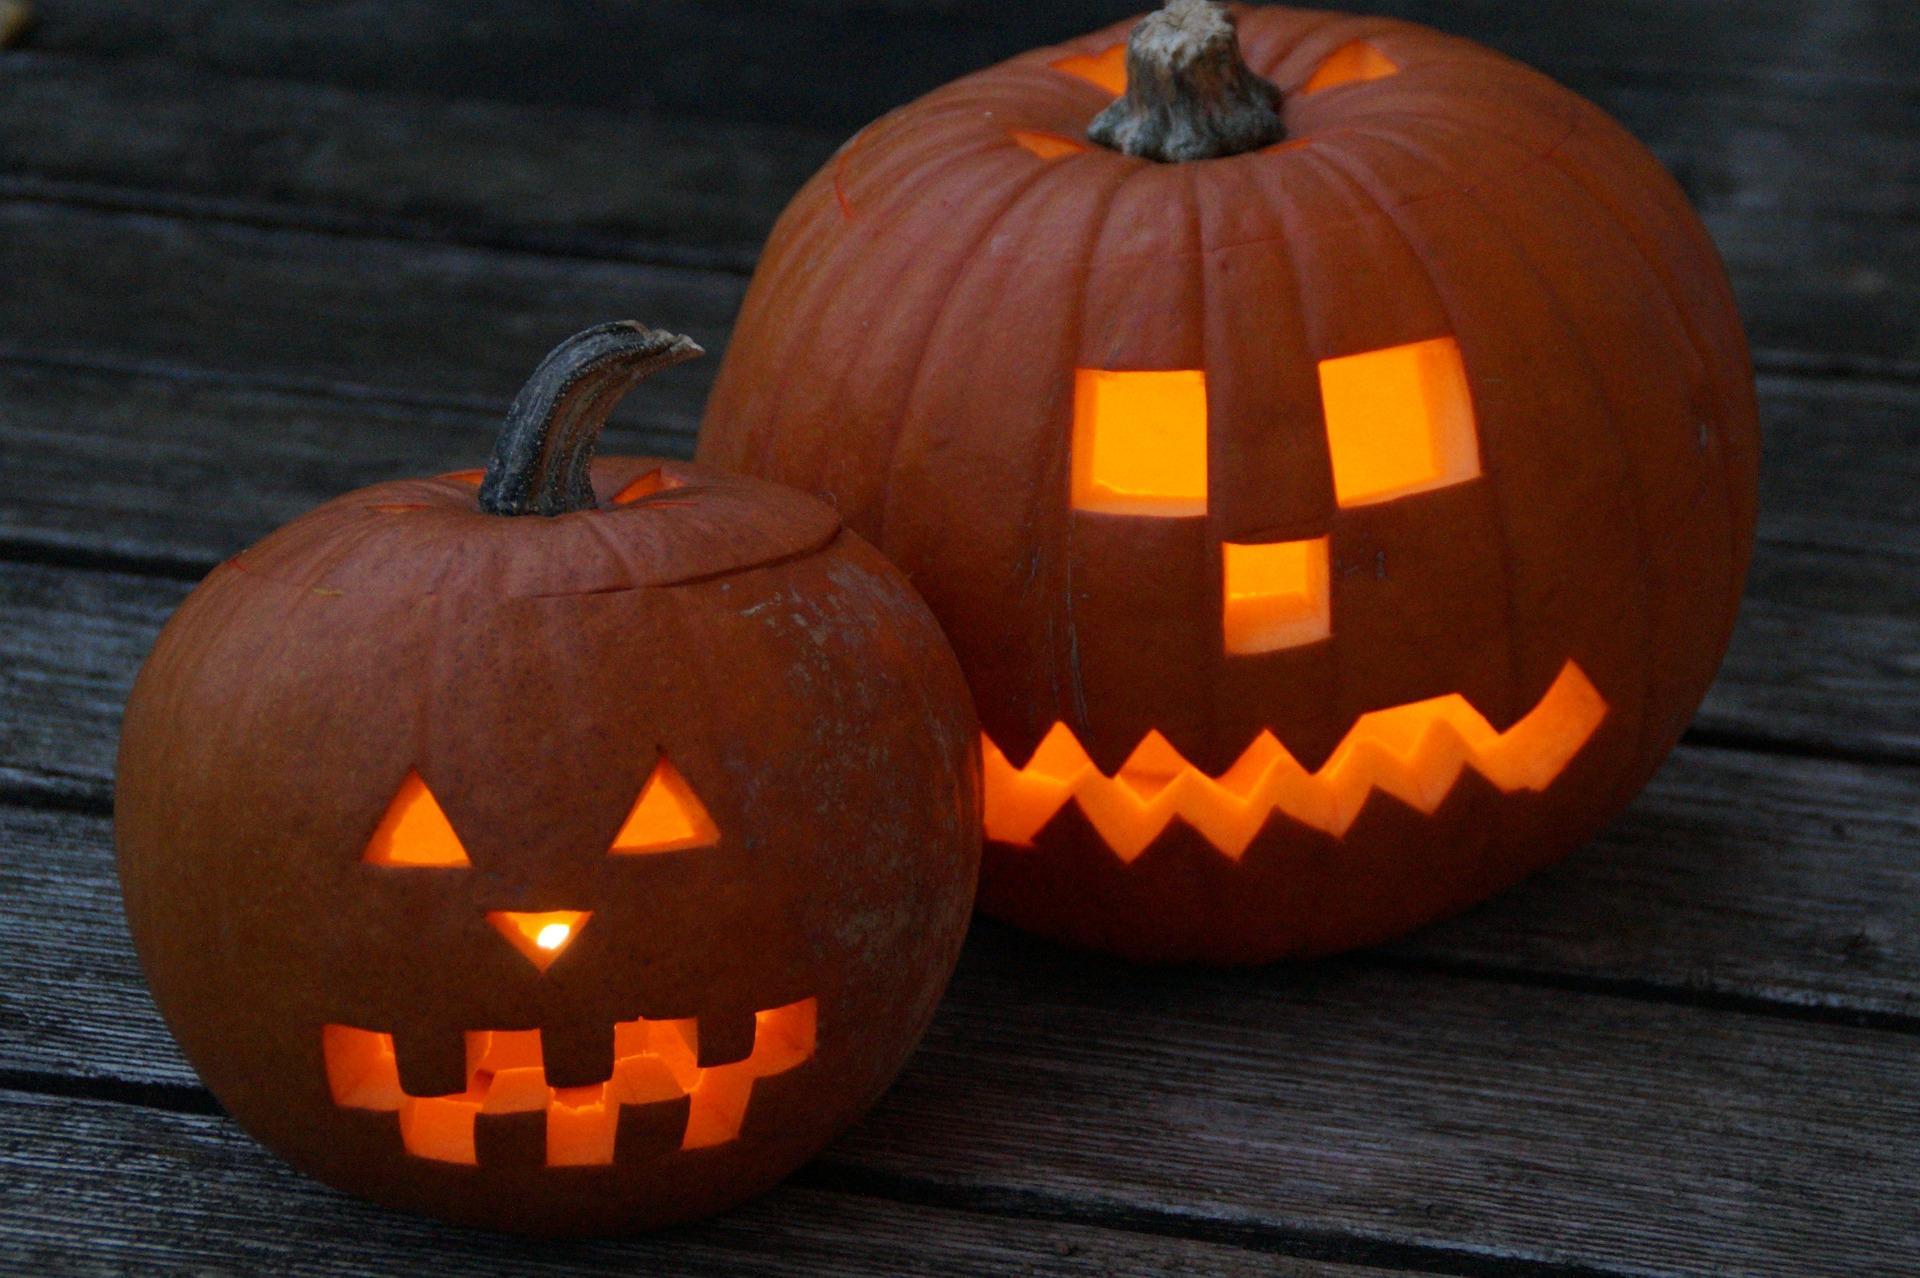 Halloweenfeestje in Halfweg: Politie treft 70 man in 8-persoons vakantiehuisje